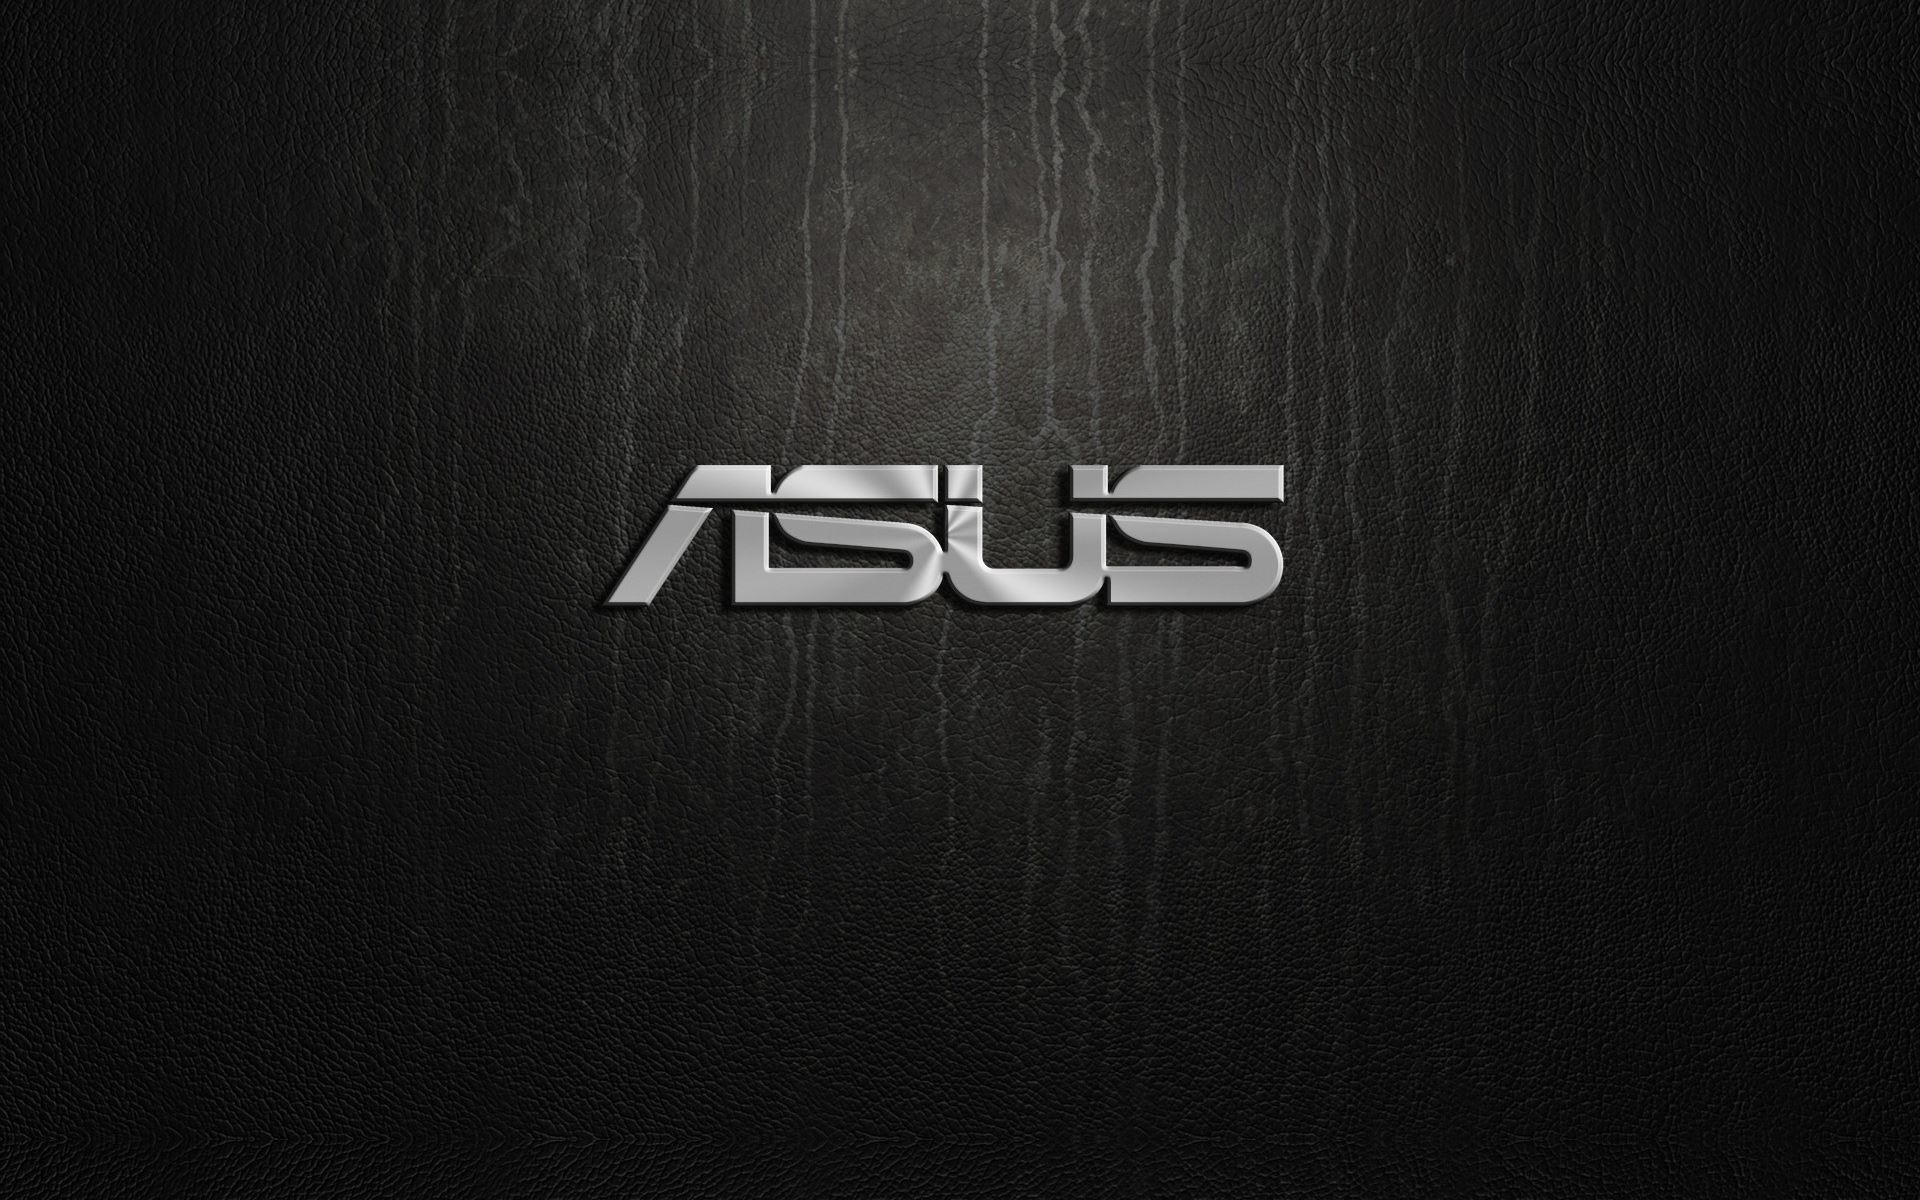 Asus Computer Wallpapers, Desktop Backgrounds     ID:180041